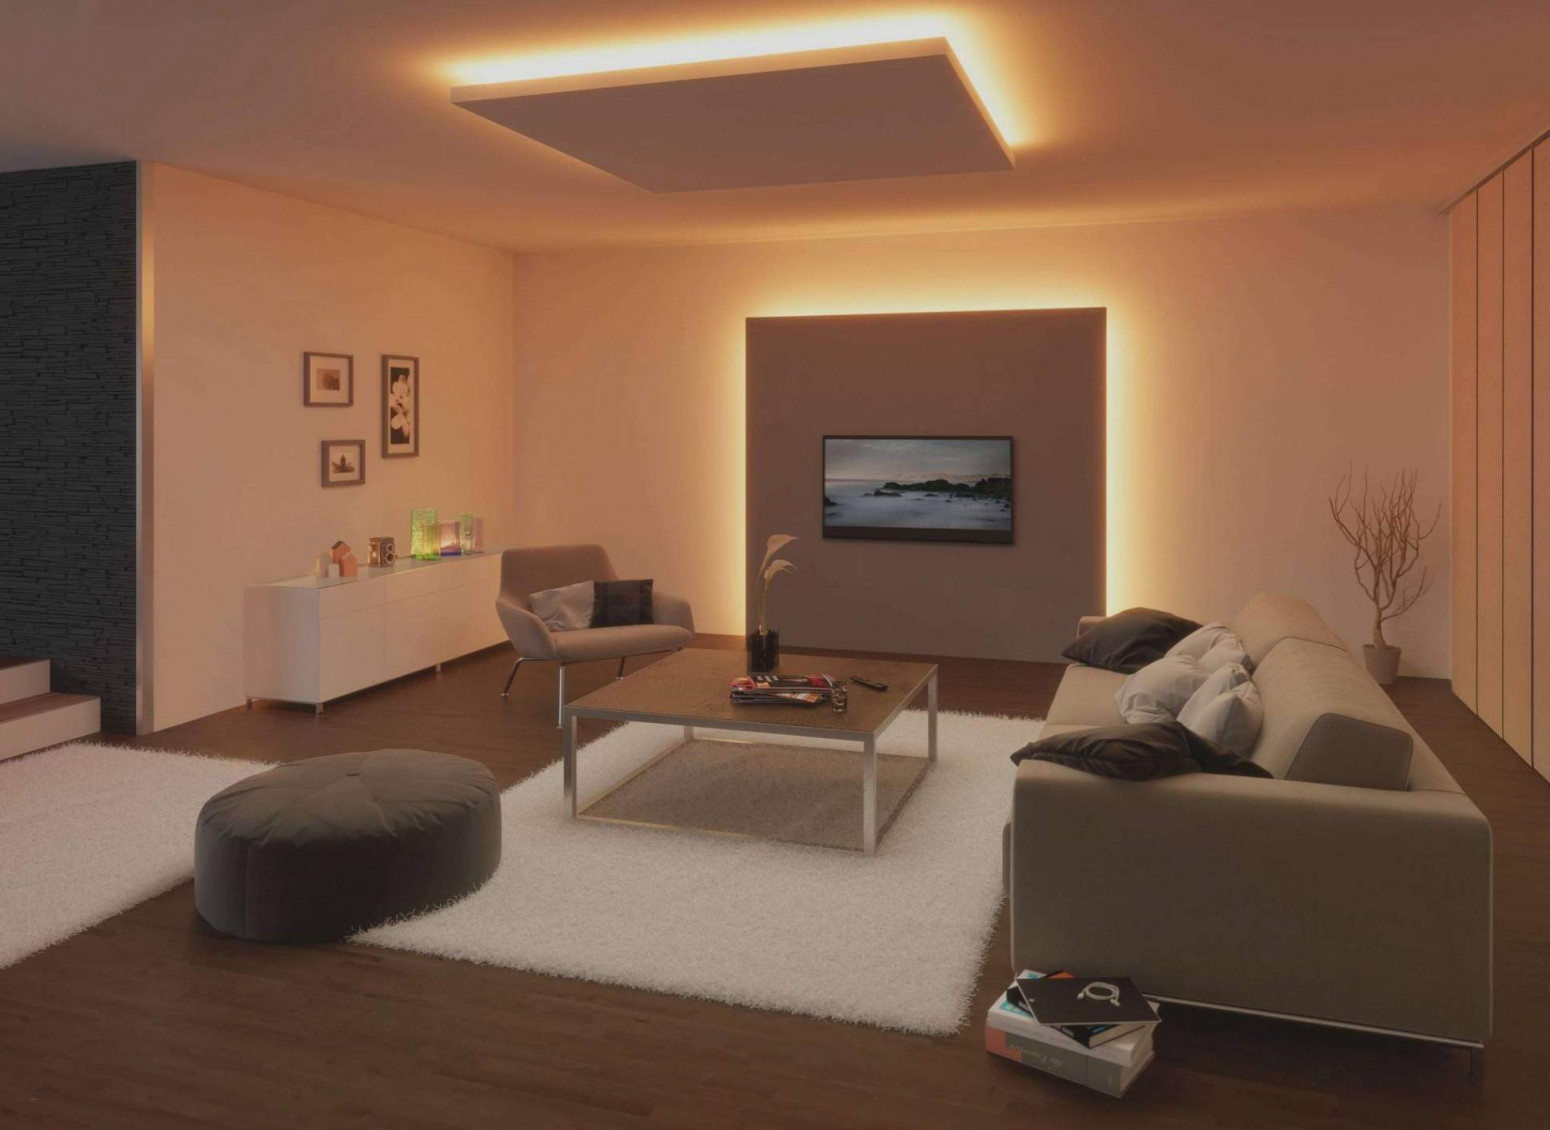 Wohnzimmer Mit Kamin Und Fernseher Neu Deko Wand Wohnzimmer von Deko Für Wand Wohnzimmer Bild